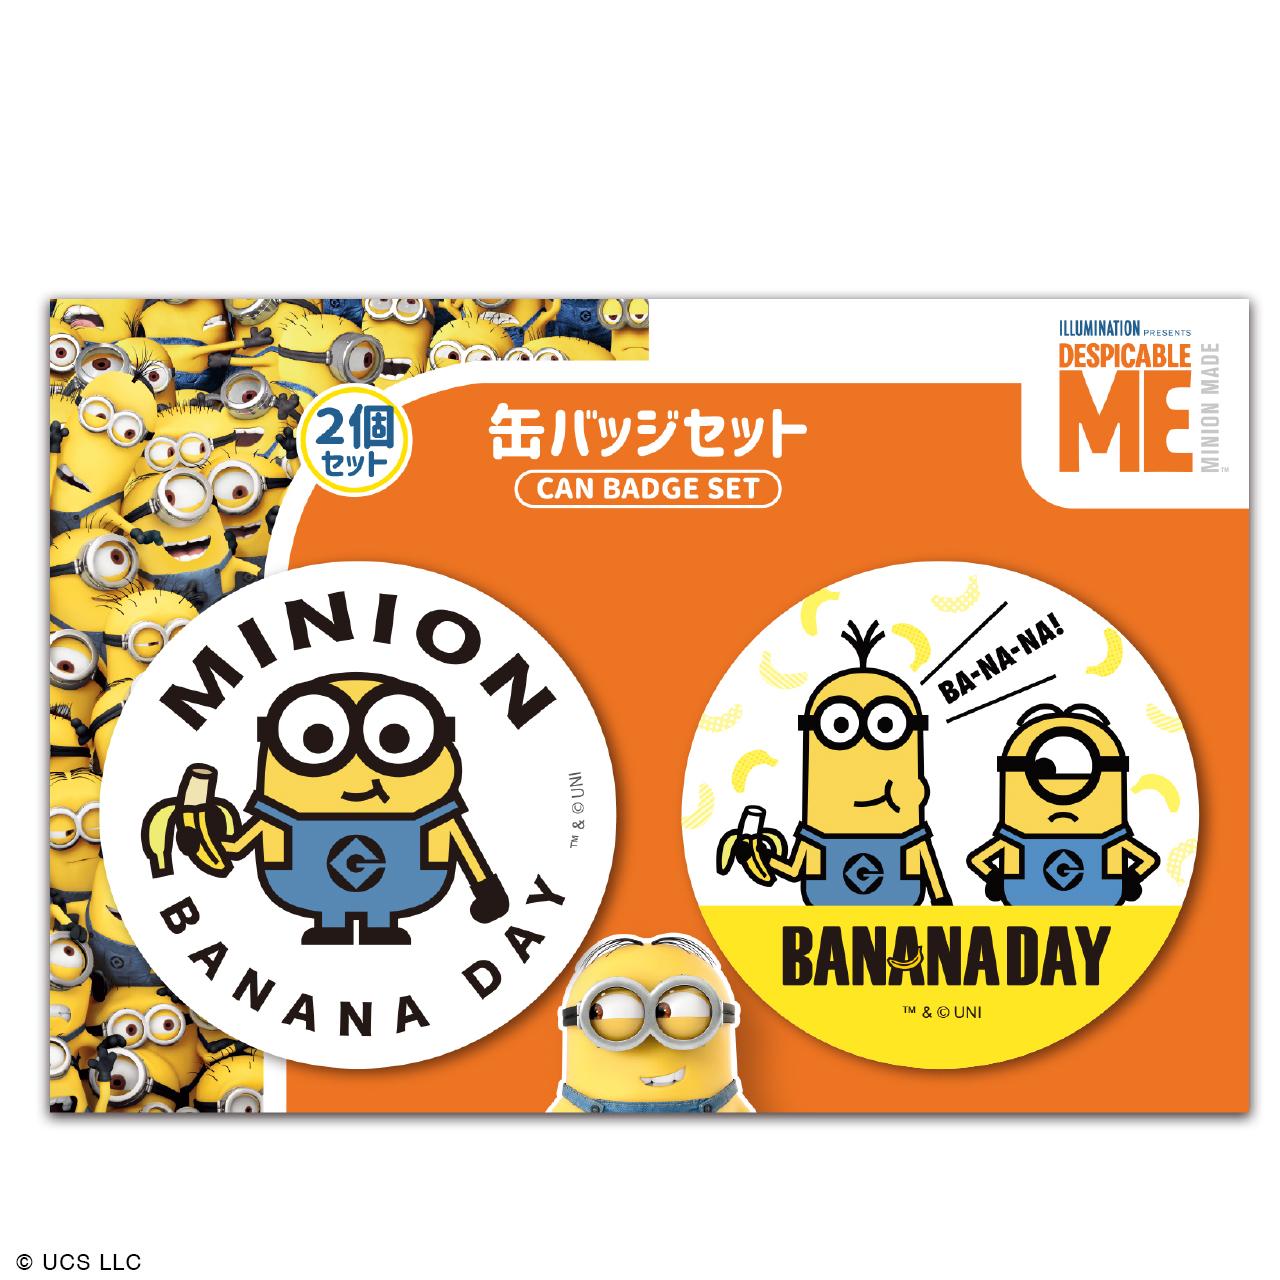 缶バッジセット2個セット/ミニオン(バナナデイ)